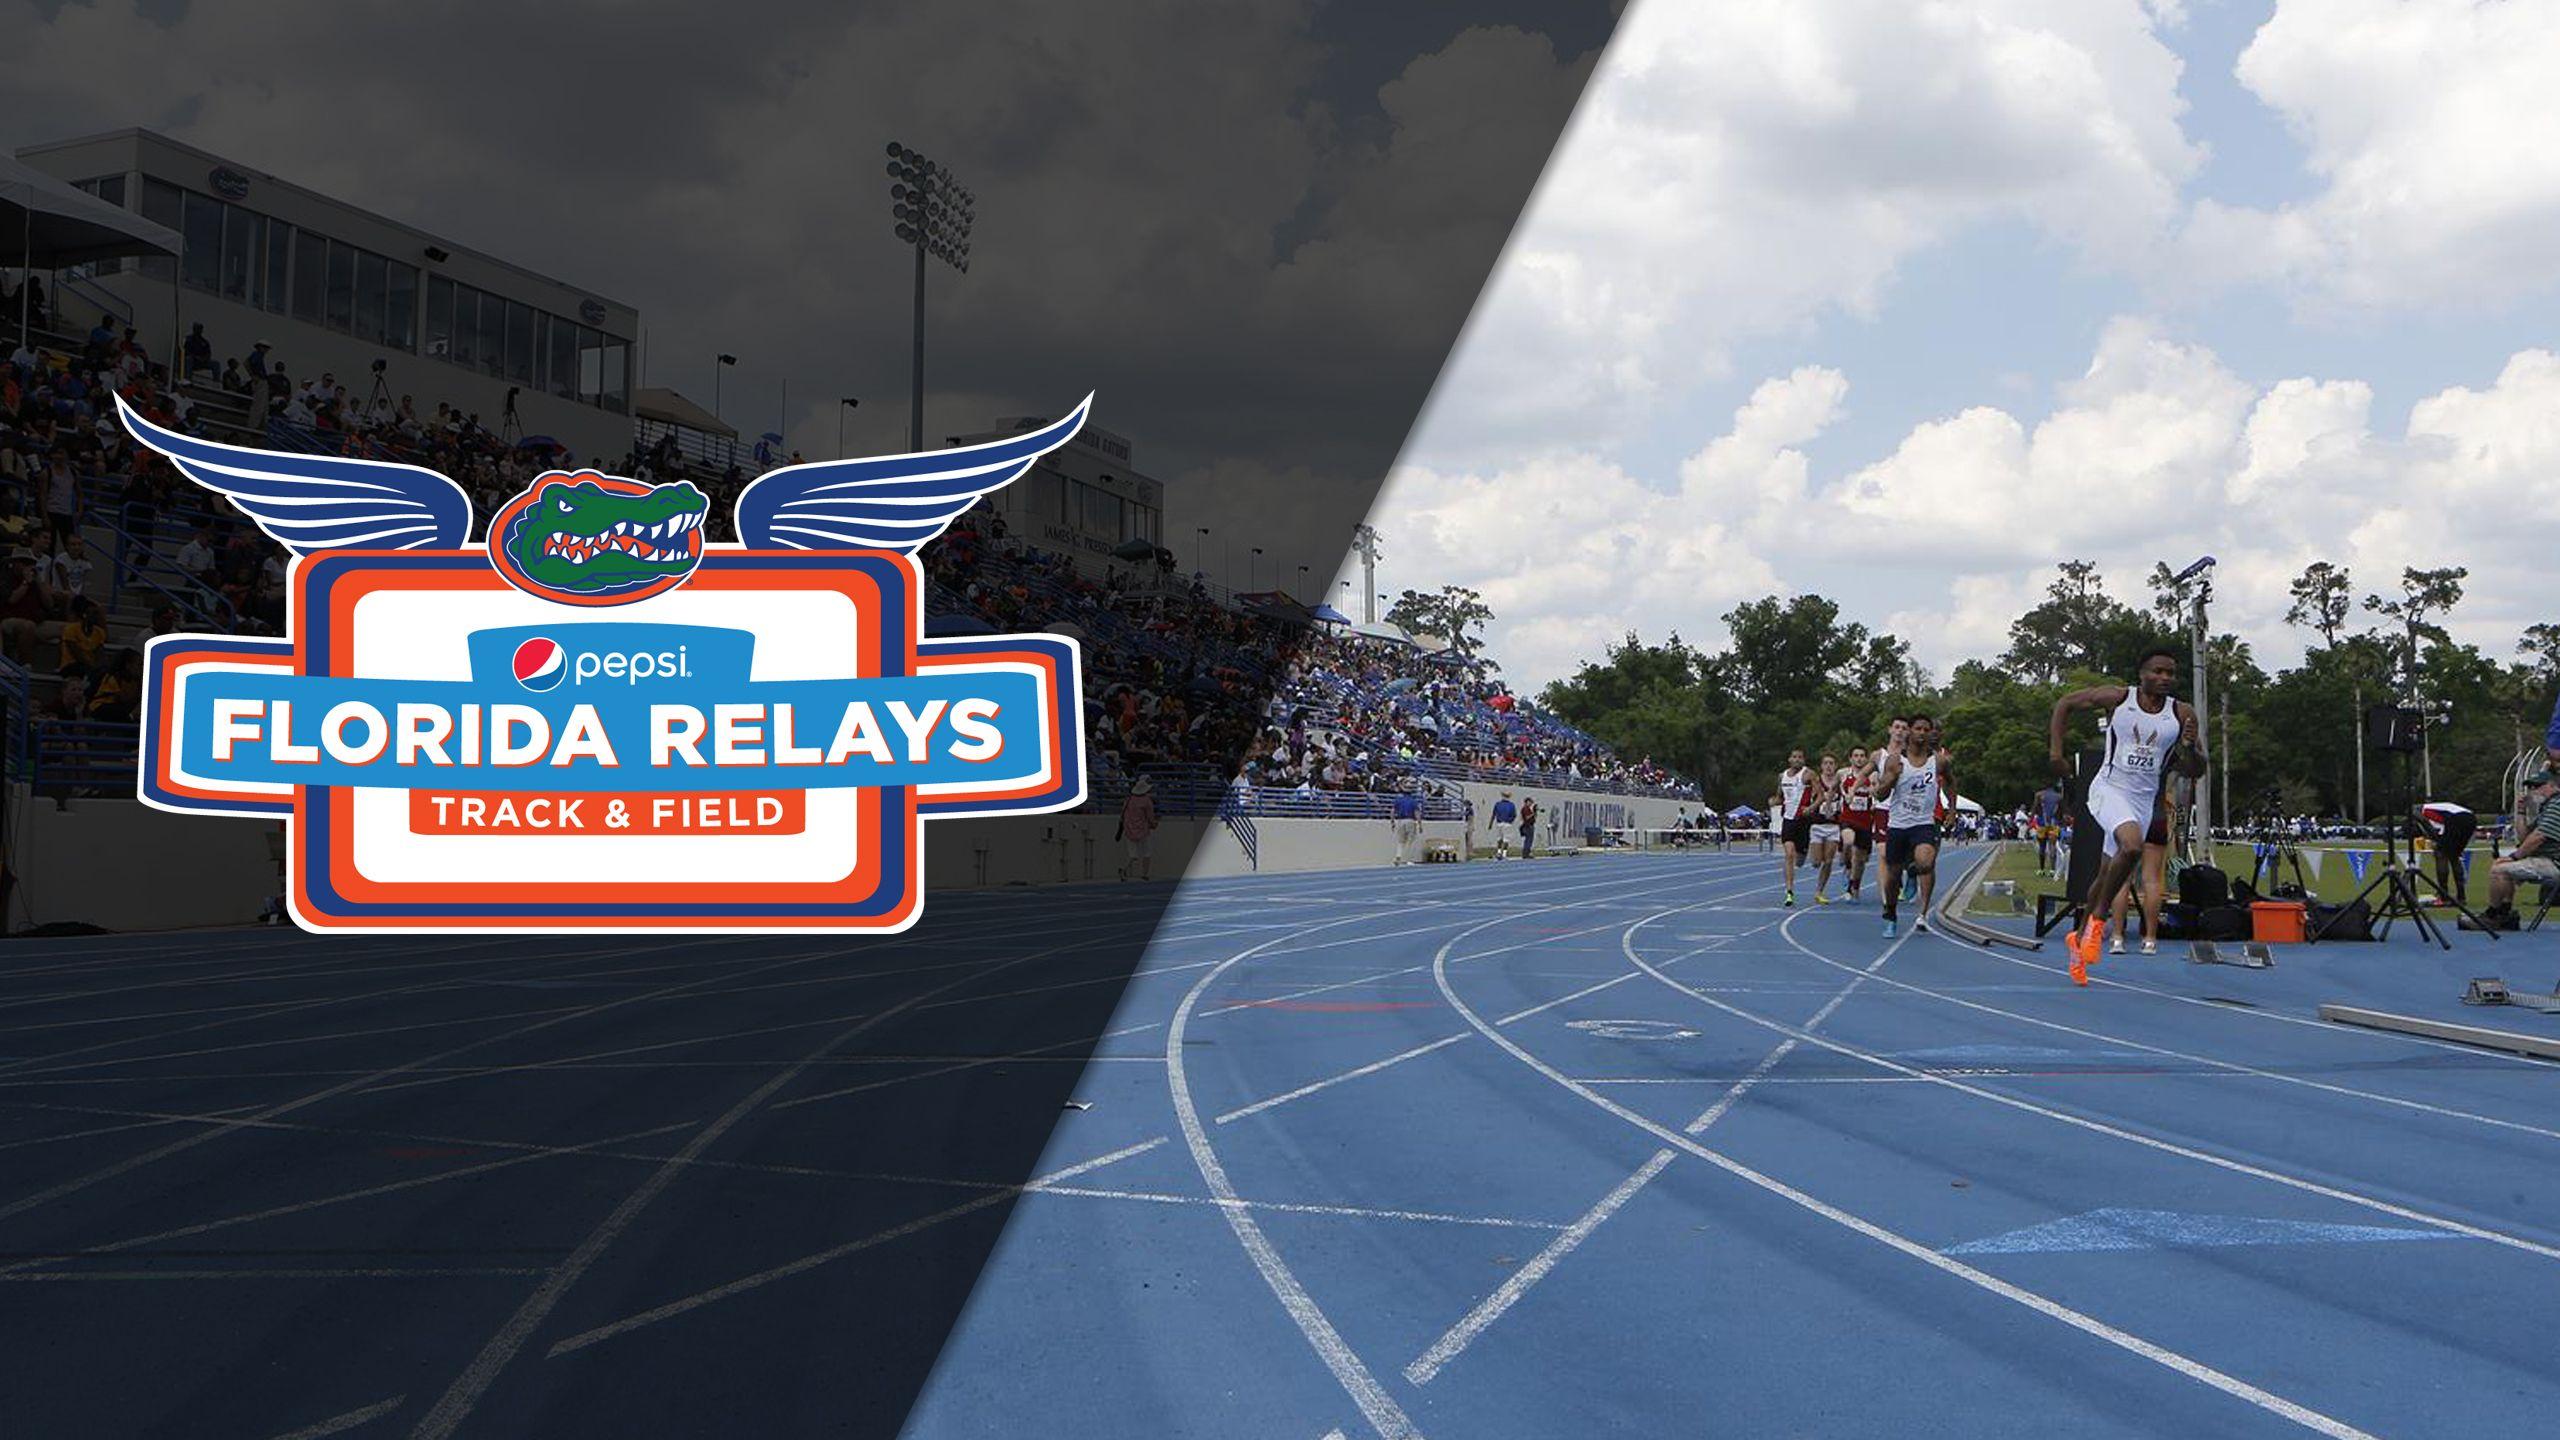 Florida Relays